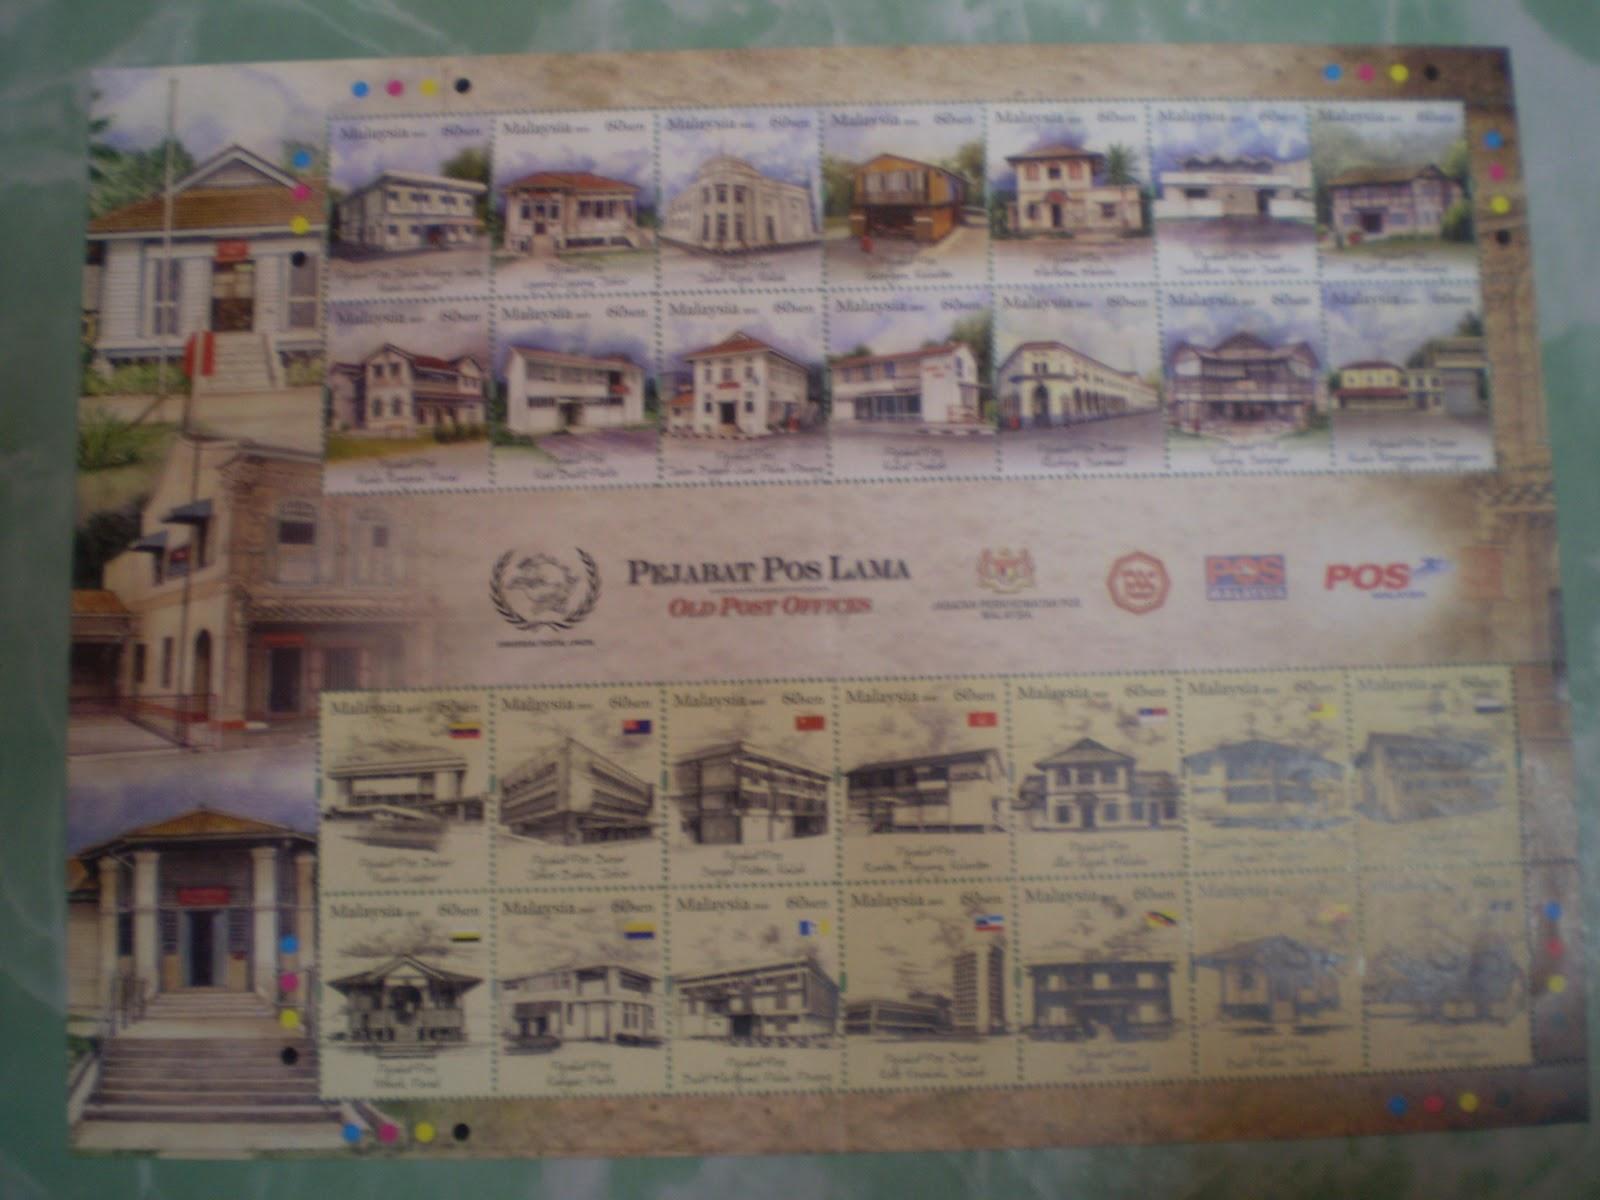 Koleksi Setem Pejabat Pos Lama (Pejabat Pos Merlimau ada juga ma)